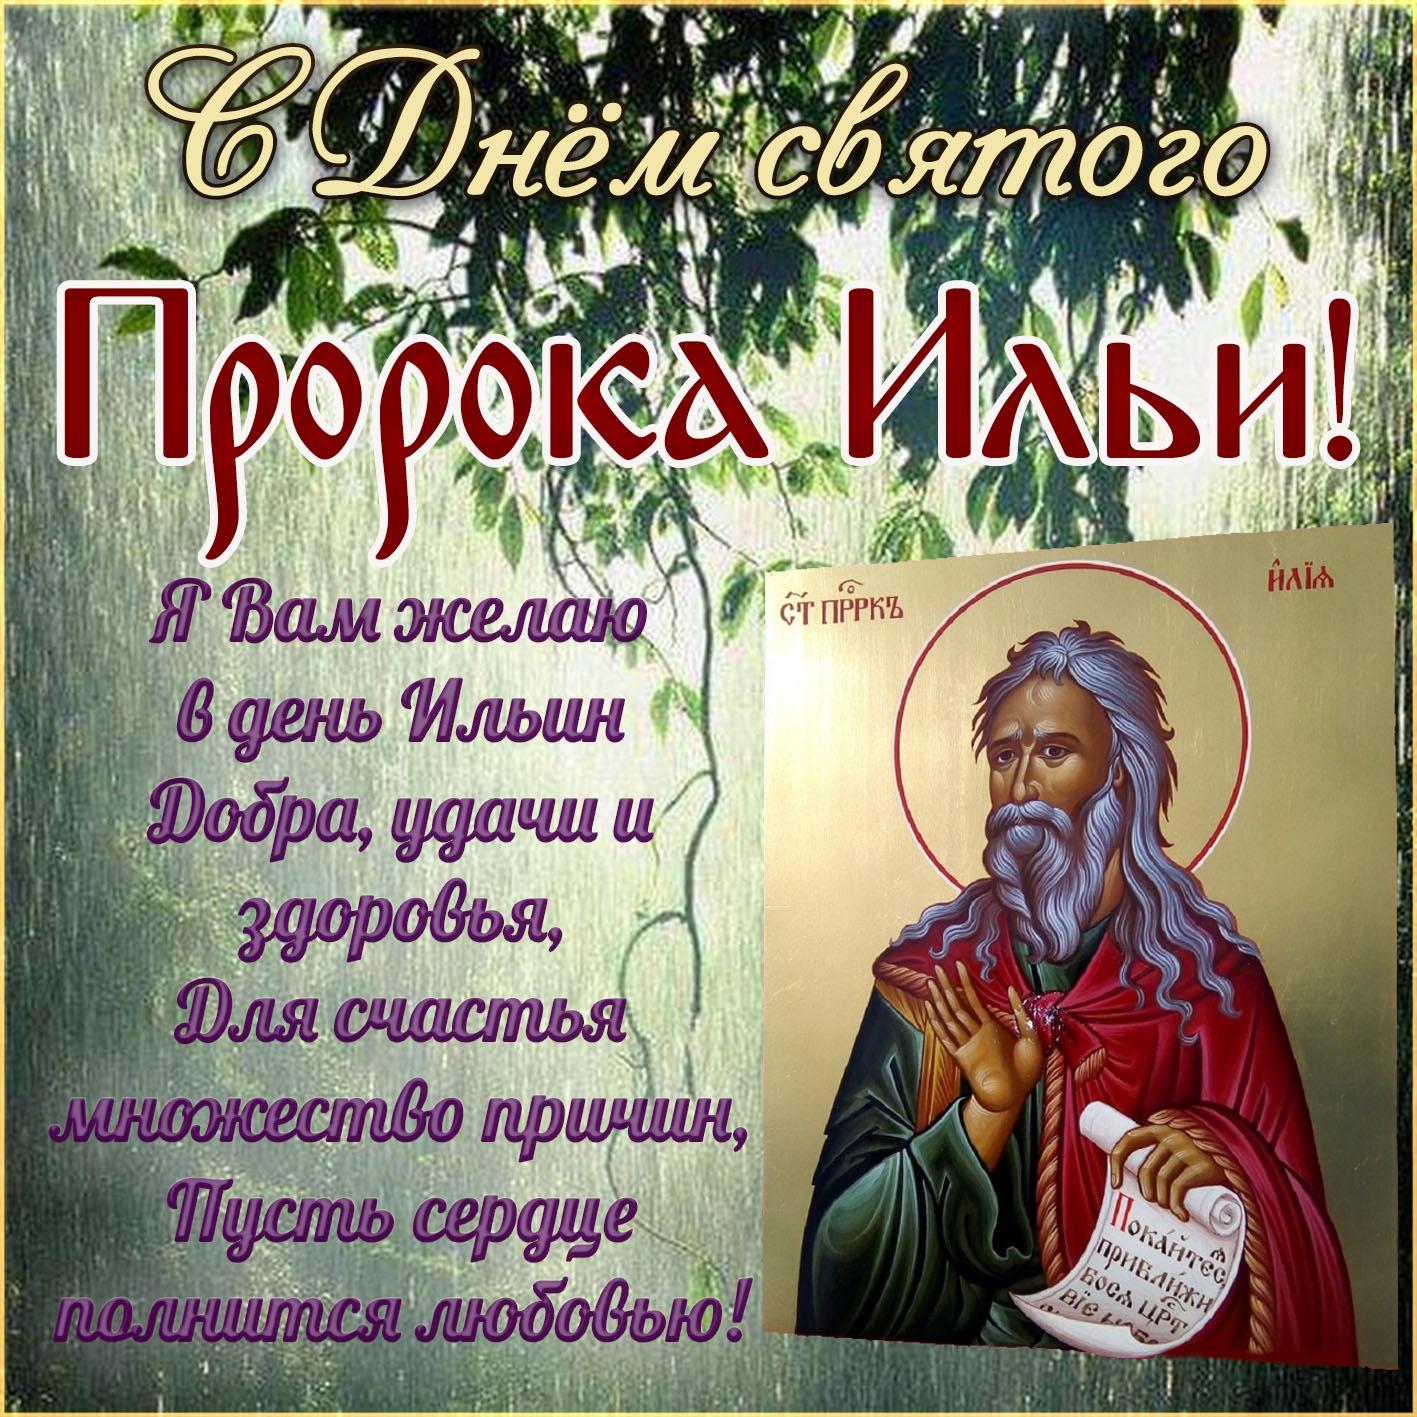 Открытка - икона на фоне дождя на День святого Пророка Ильи